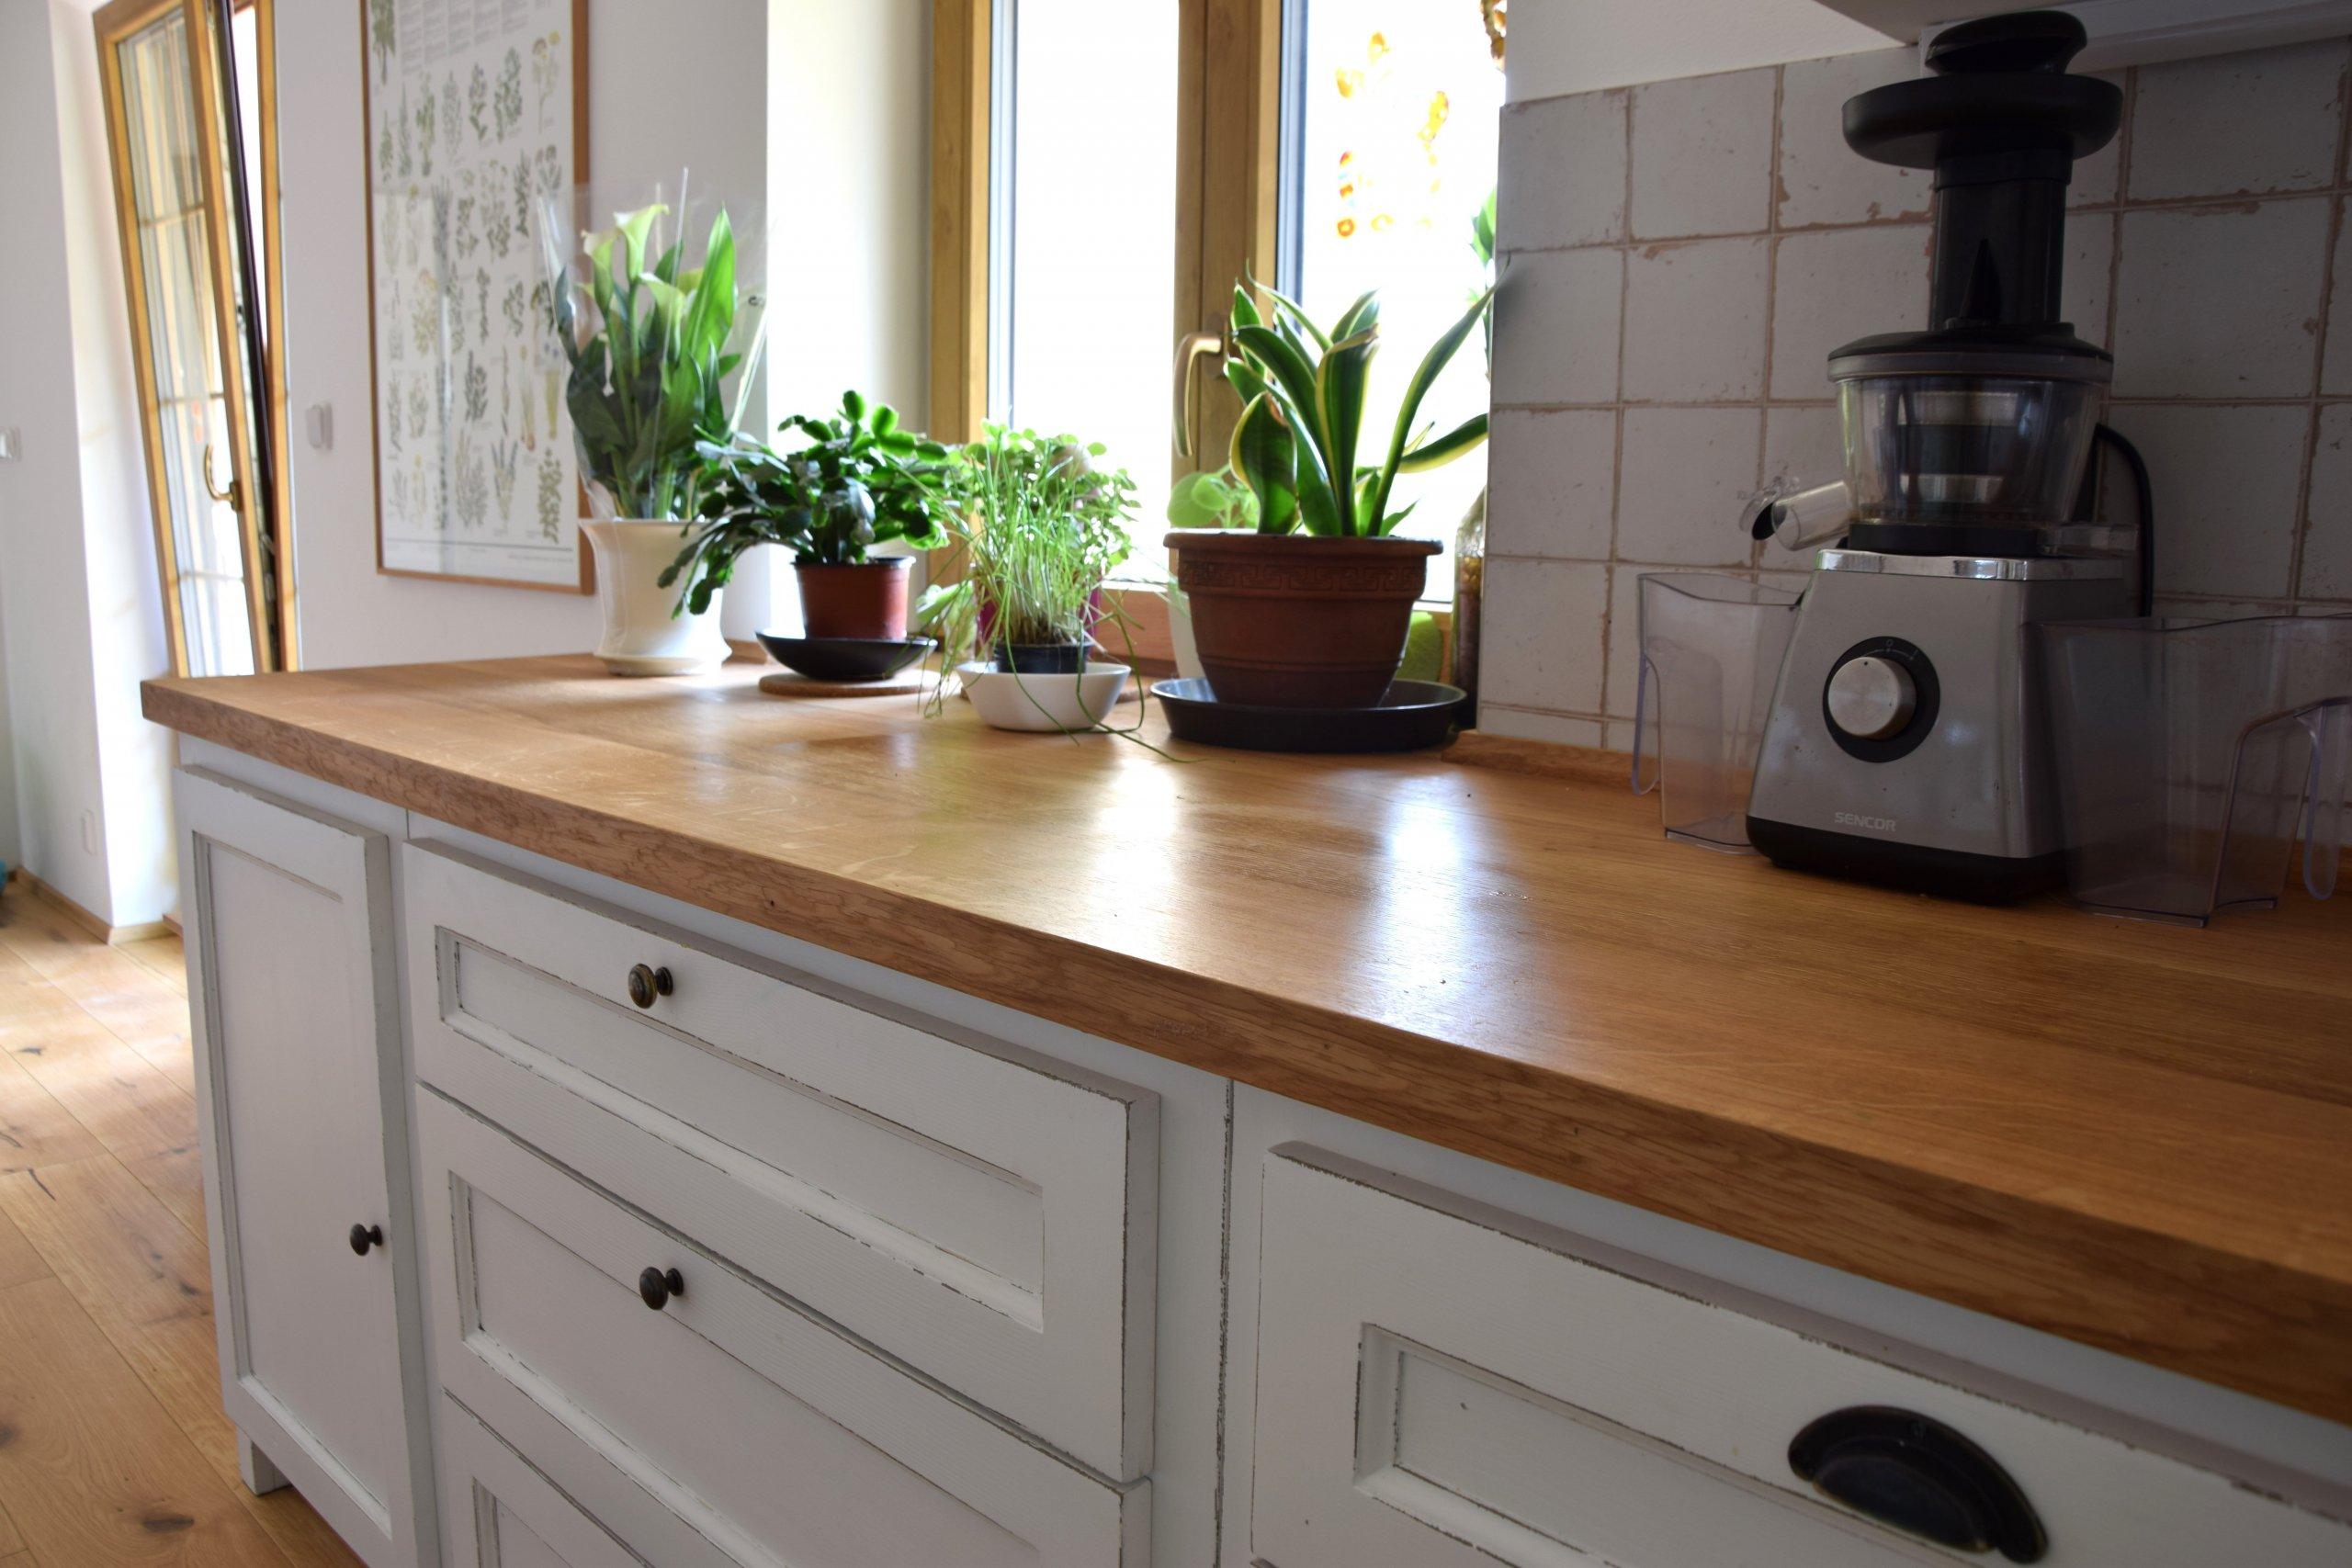 Naše nejnovější realizace kuchyně z masinu s názvemGeorgia - jená se o kuchyni vyrobenou z masivního dřeva.Kromě klasických kuchyní máme v nabídce…